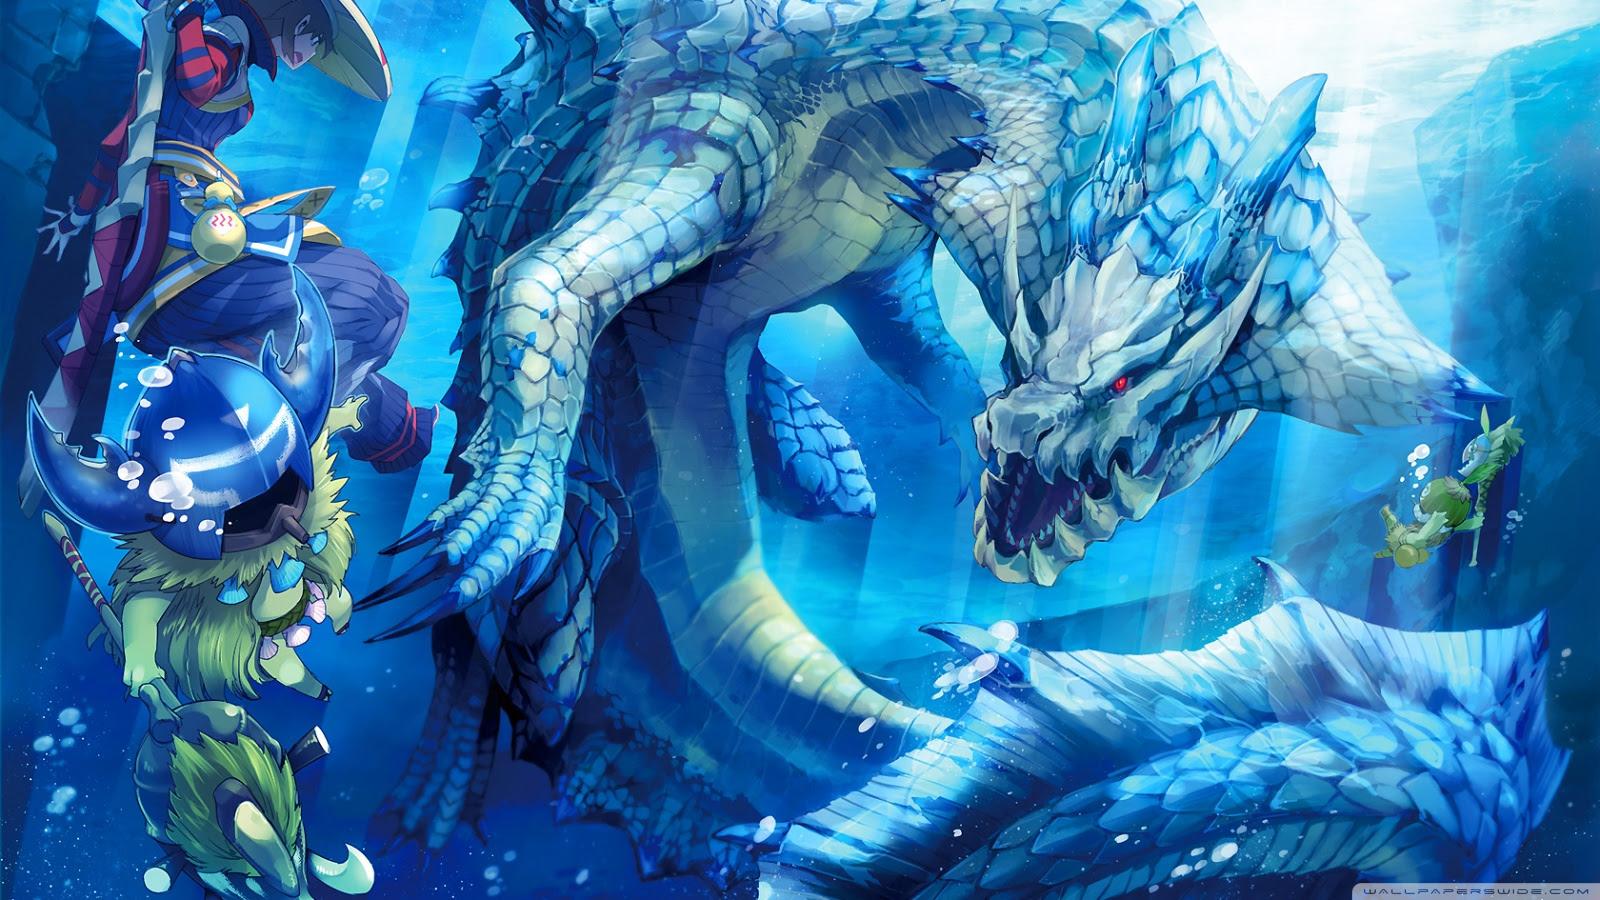 Monster Hunter Ultra Hd Desktop Background Wallpaper For 4k Uhd Tv